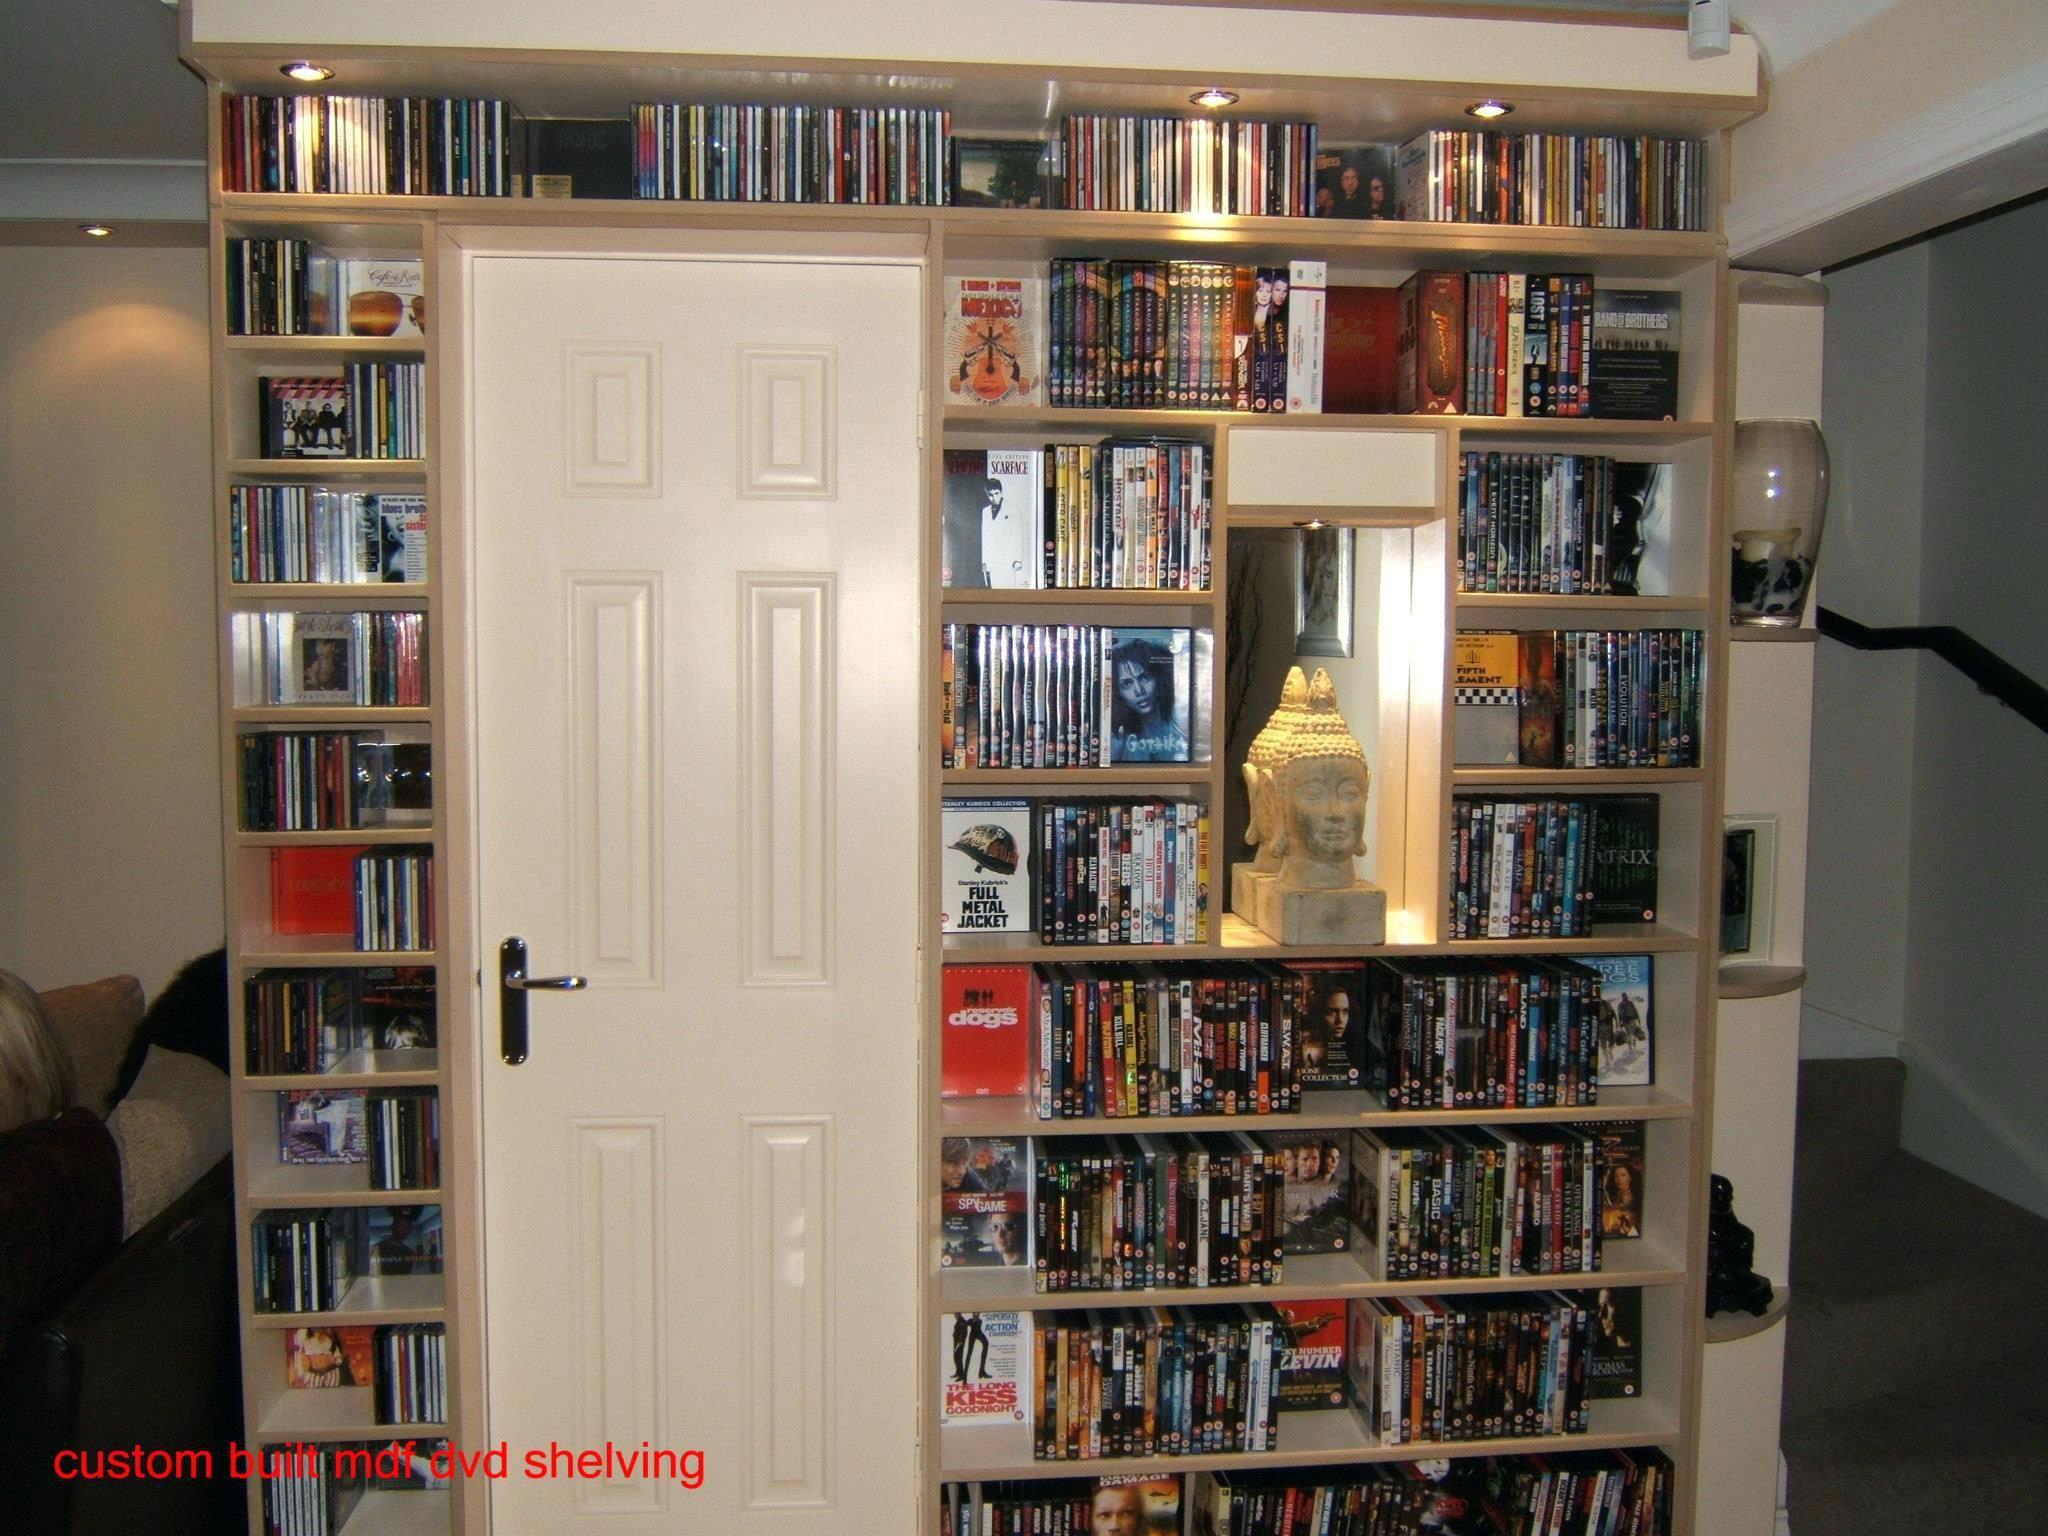 10 Dvd Storage Ideas For Your Precious Home Dvd Storage Ikea Dvd Storage Dvd Storage Shelves